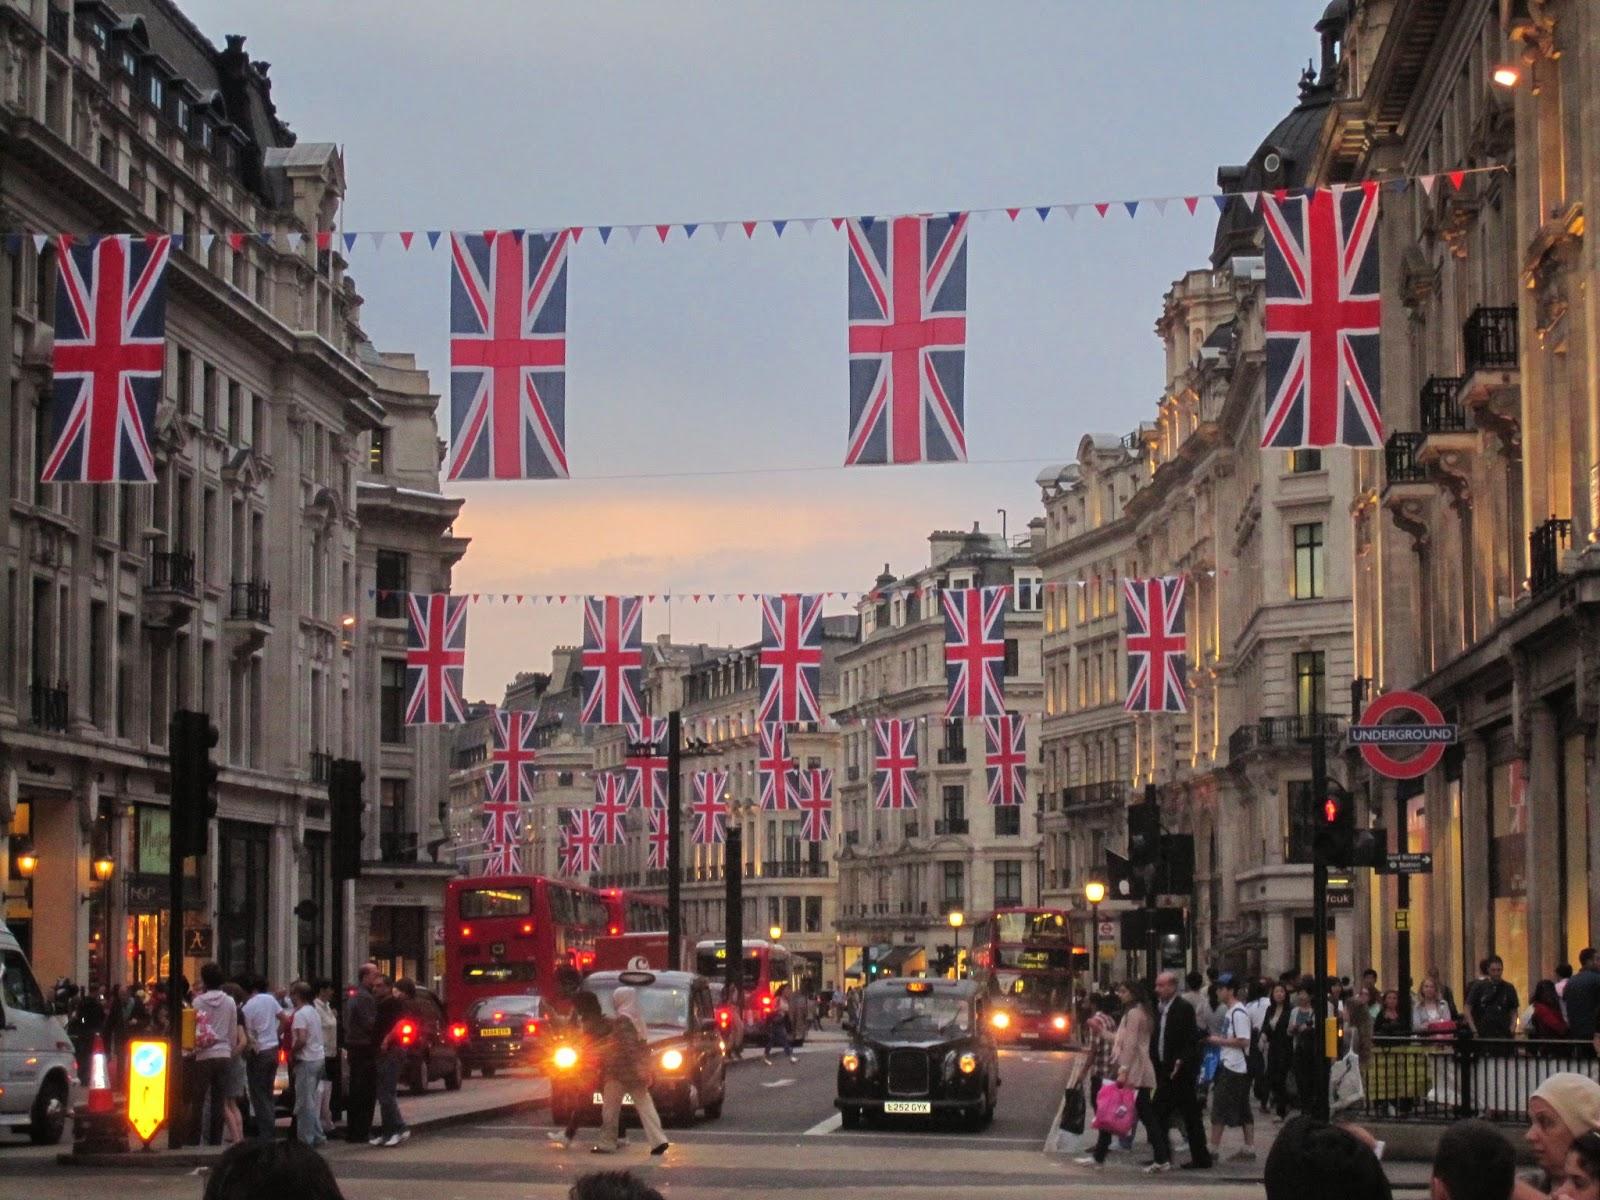 Compras-em-Londres-Inglaterra